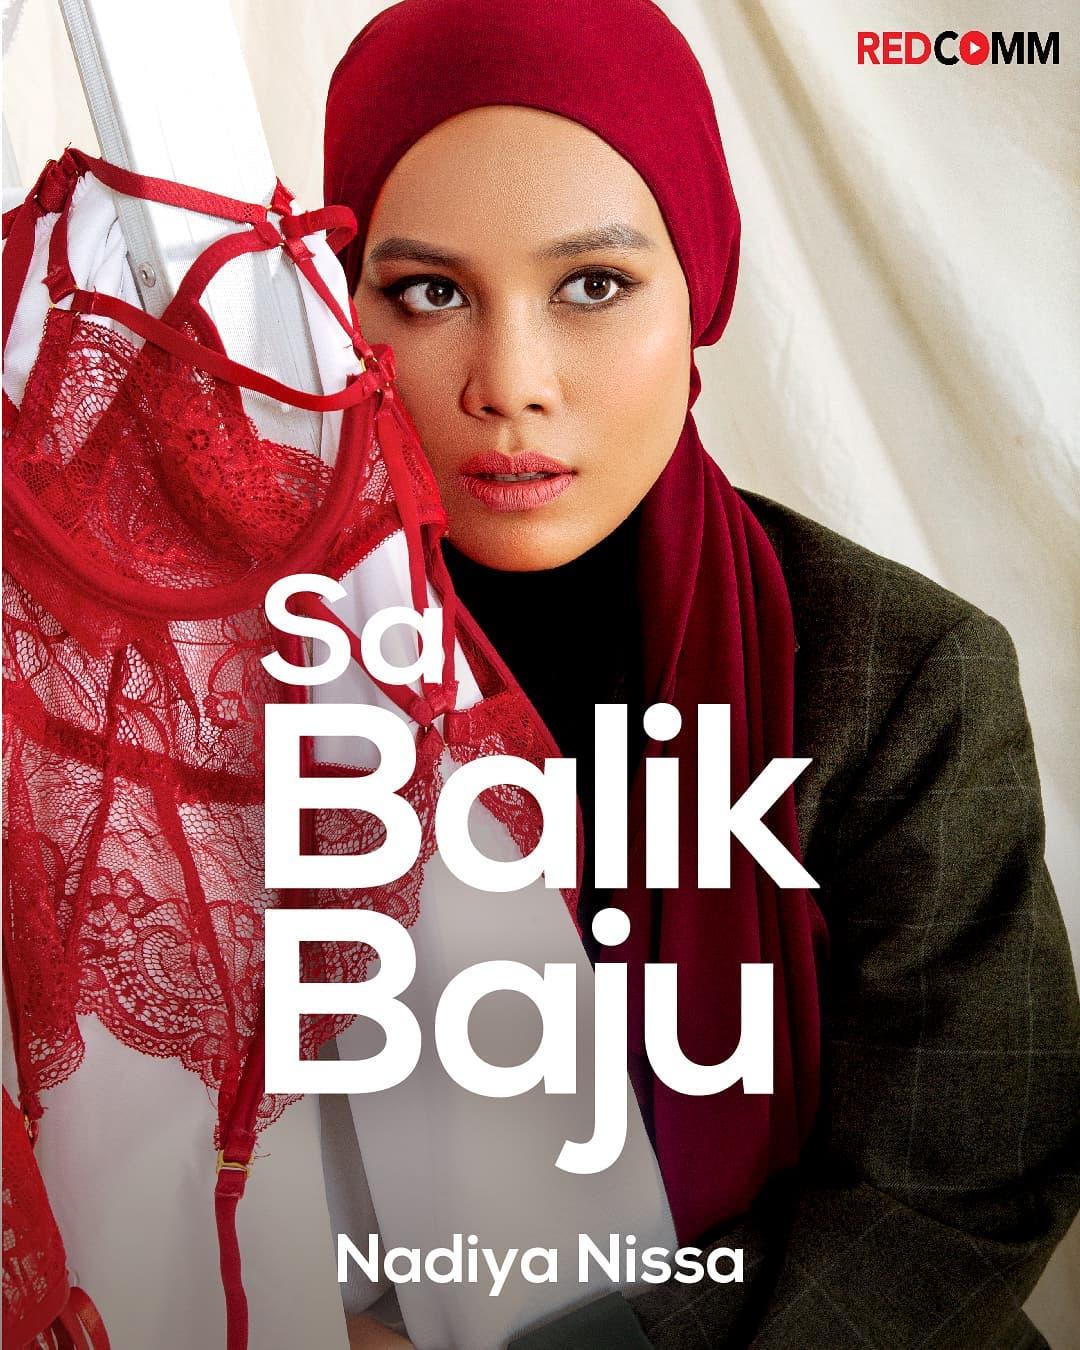 Hak Peribody - Sa Balik Baju